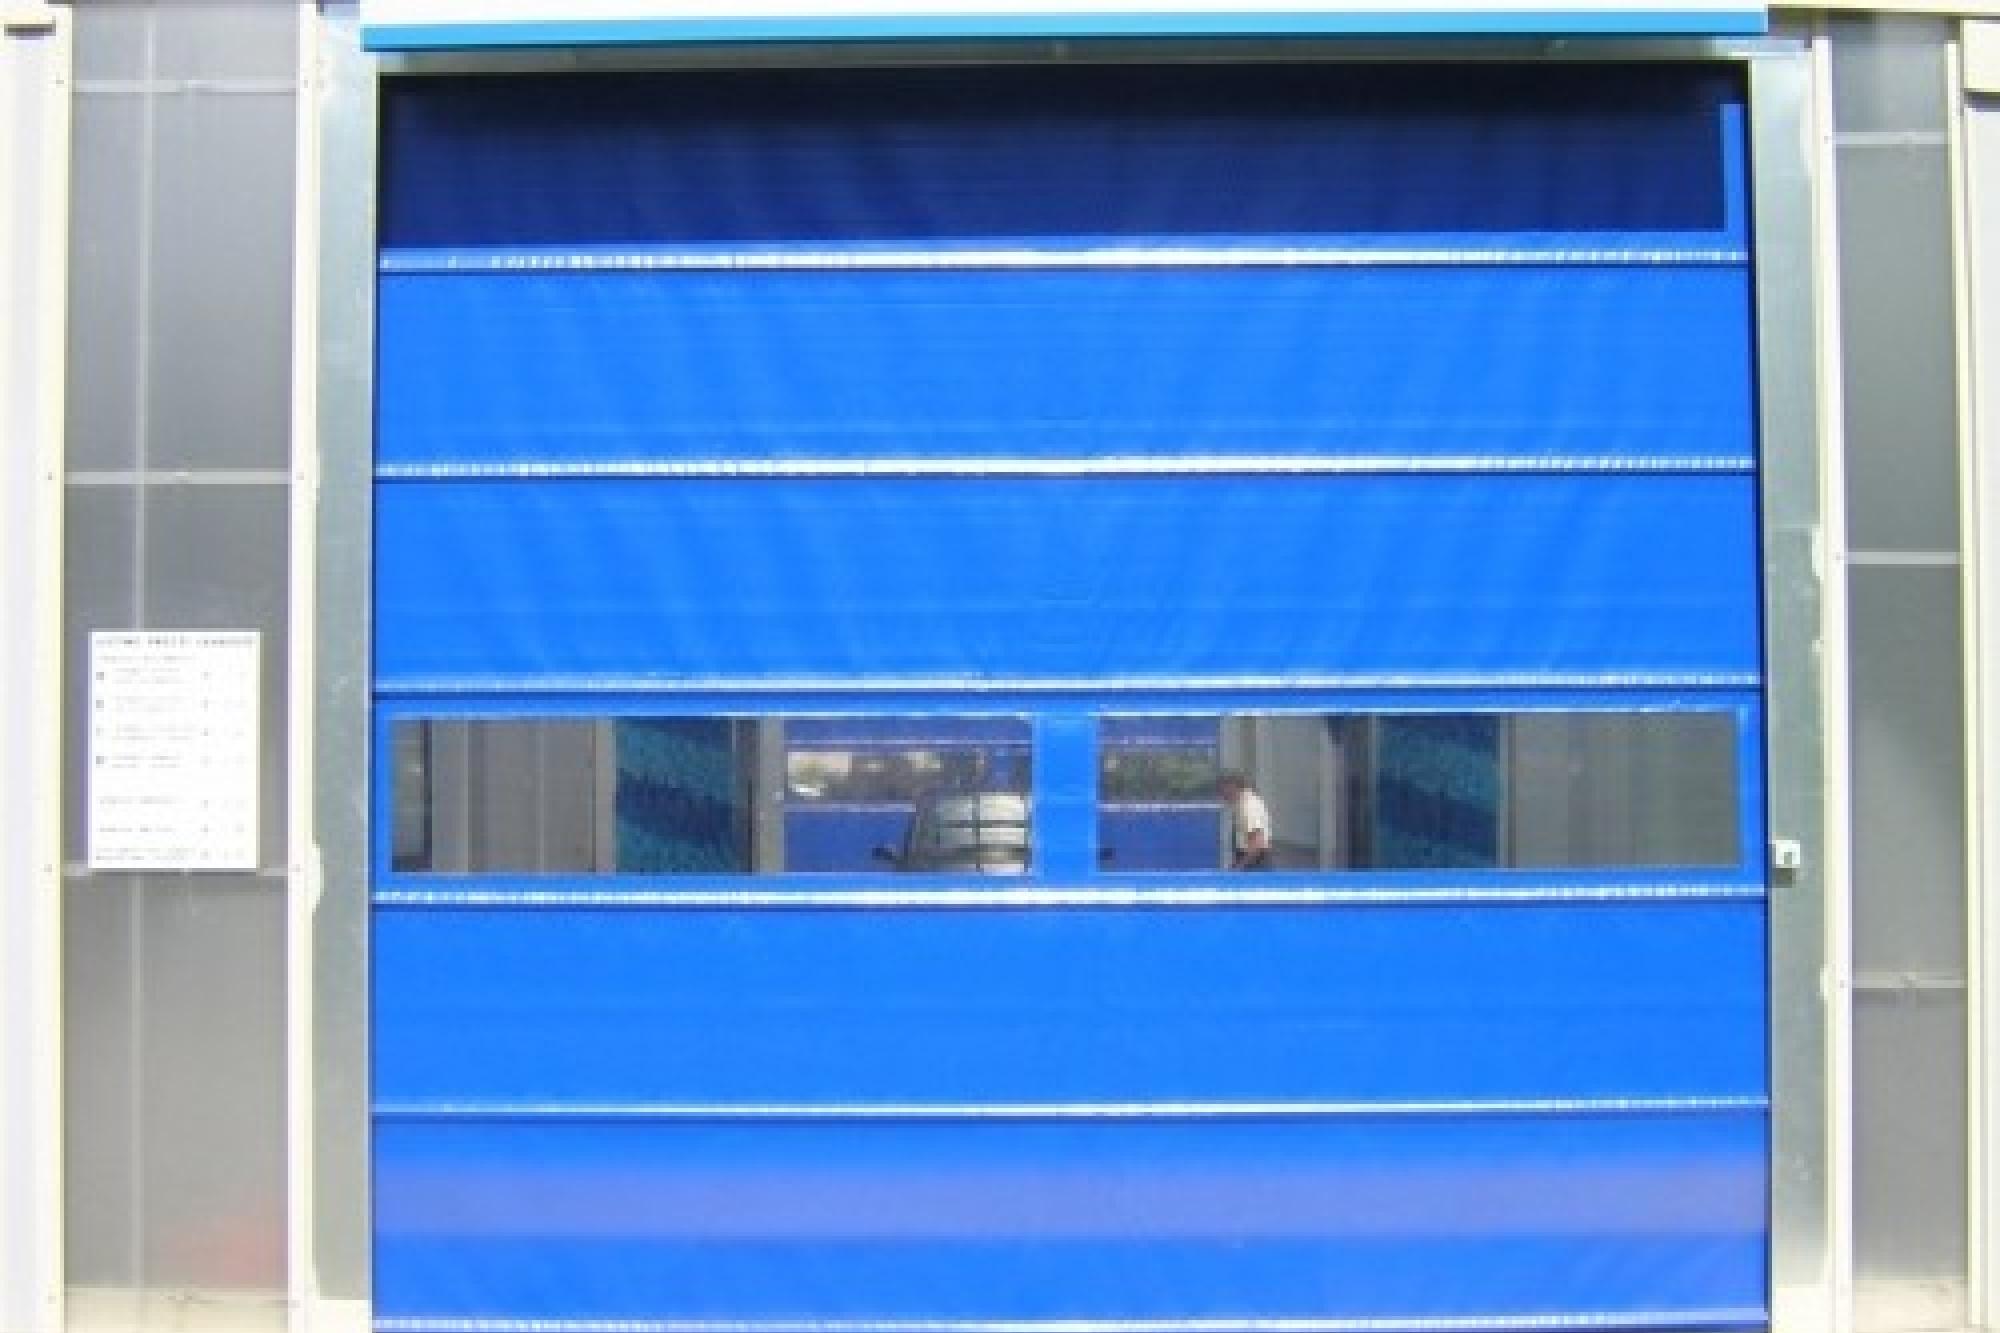 Porte rapide industriali richiedi prezzo o preventivo - Serrande per finestre prezzi ...